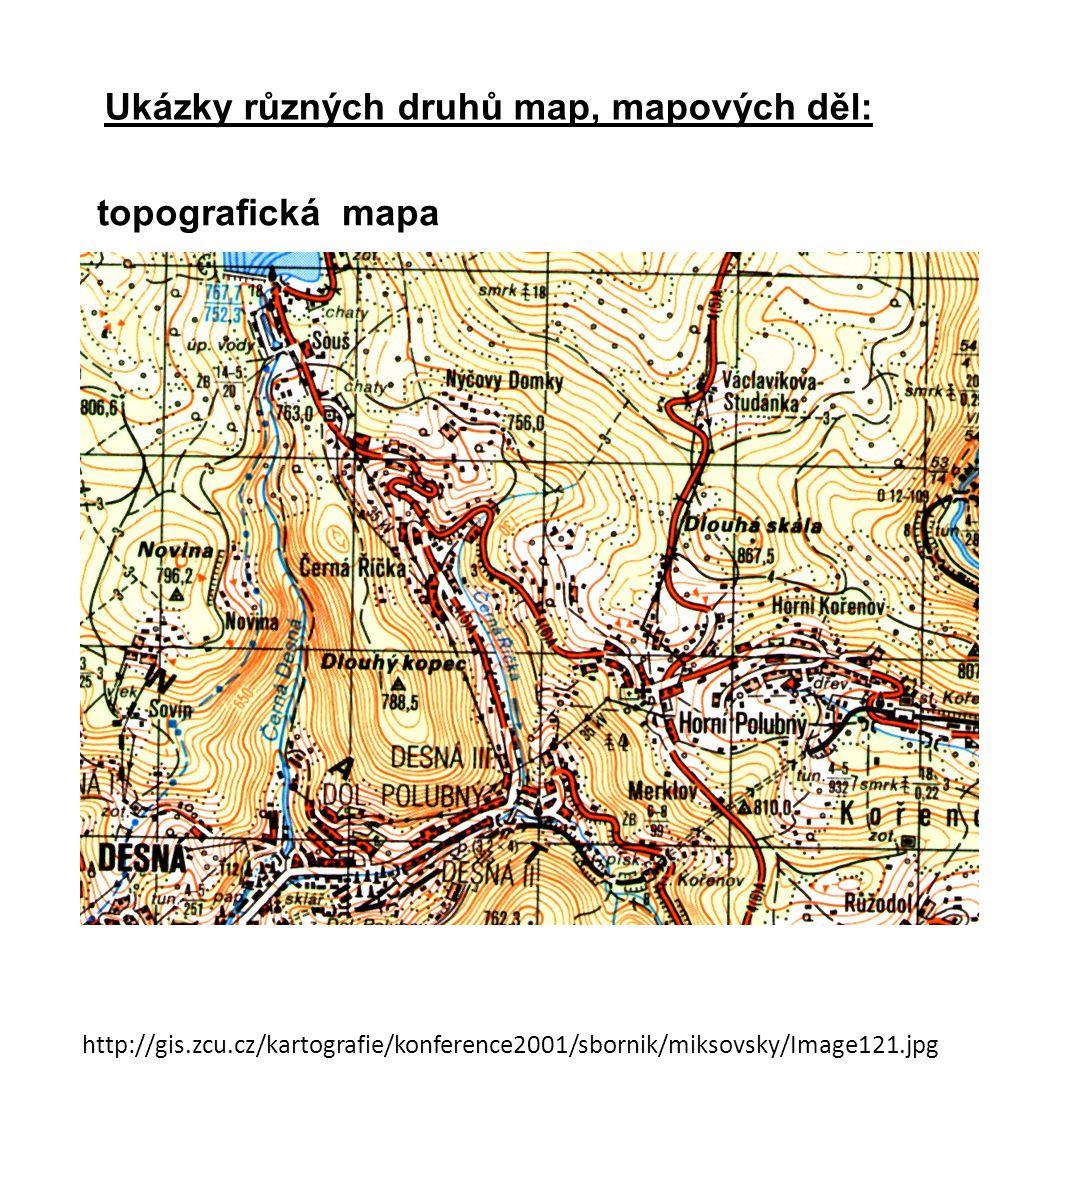 http://www.shopkabinet.cz/files/img/products/cz_plc_zem_zmpvc_afrika_obecna.jpg obecně zeměpisná mapa